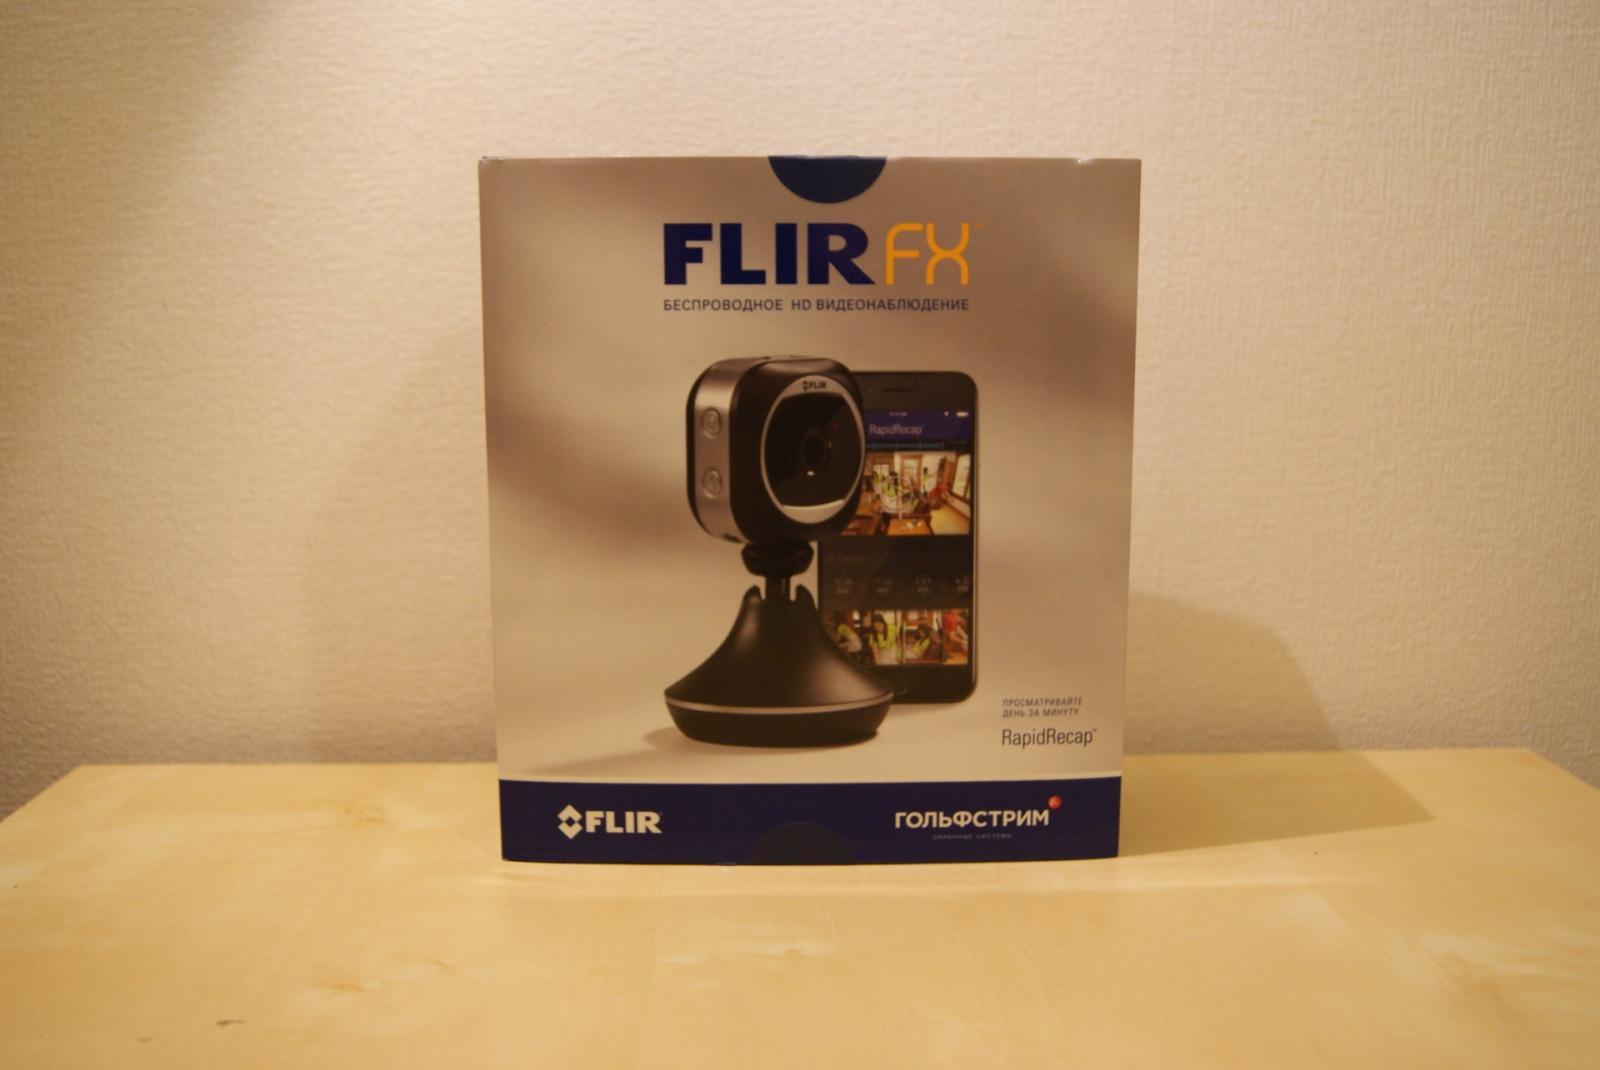 HD-камера наблюдения для дома: FlirFX - 2